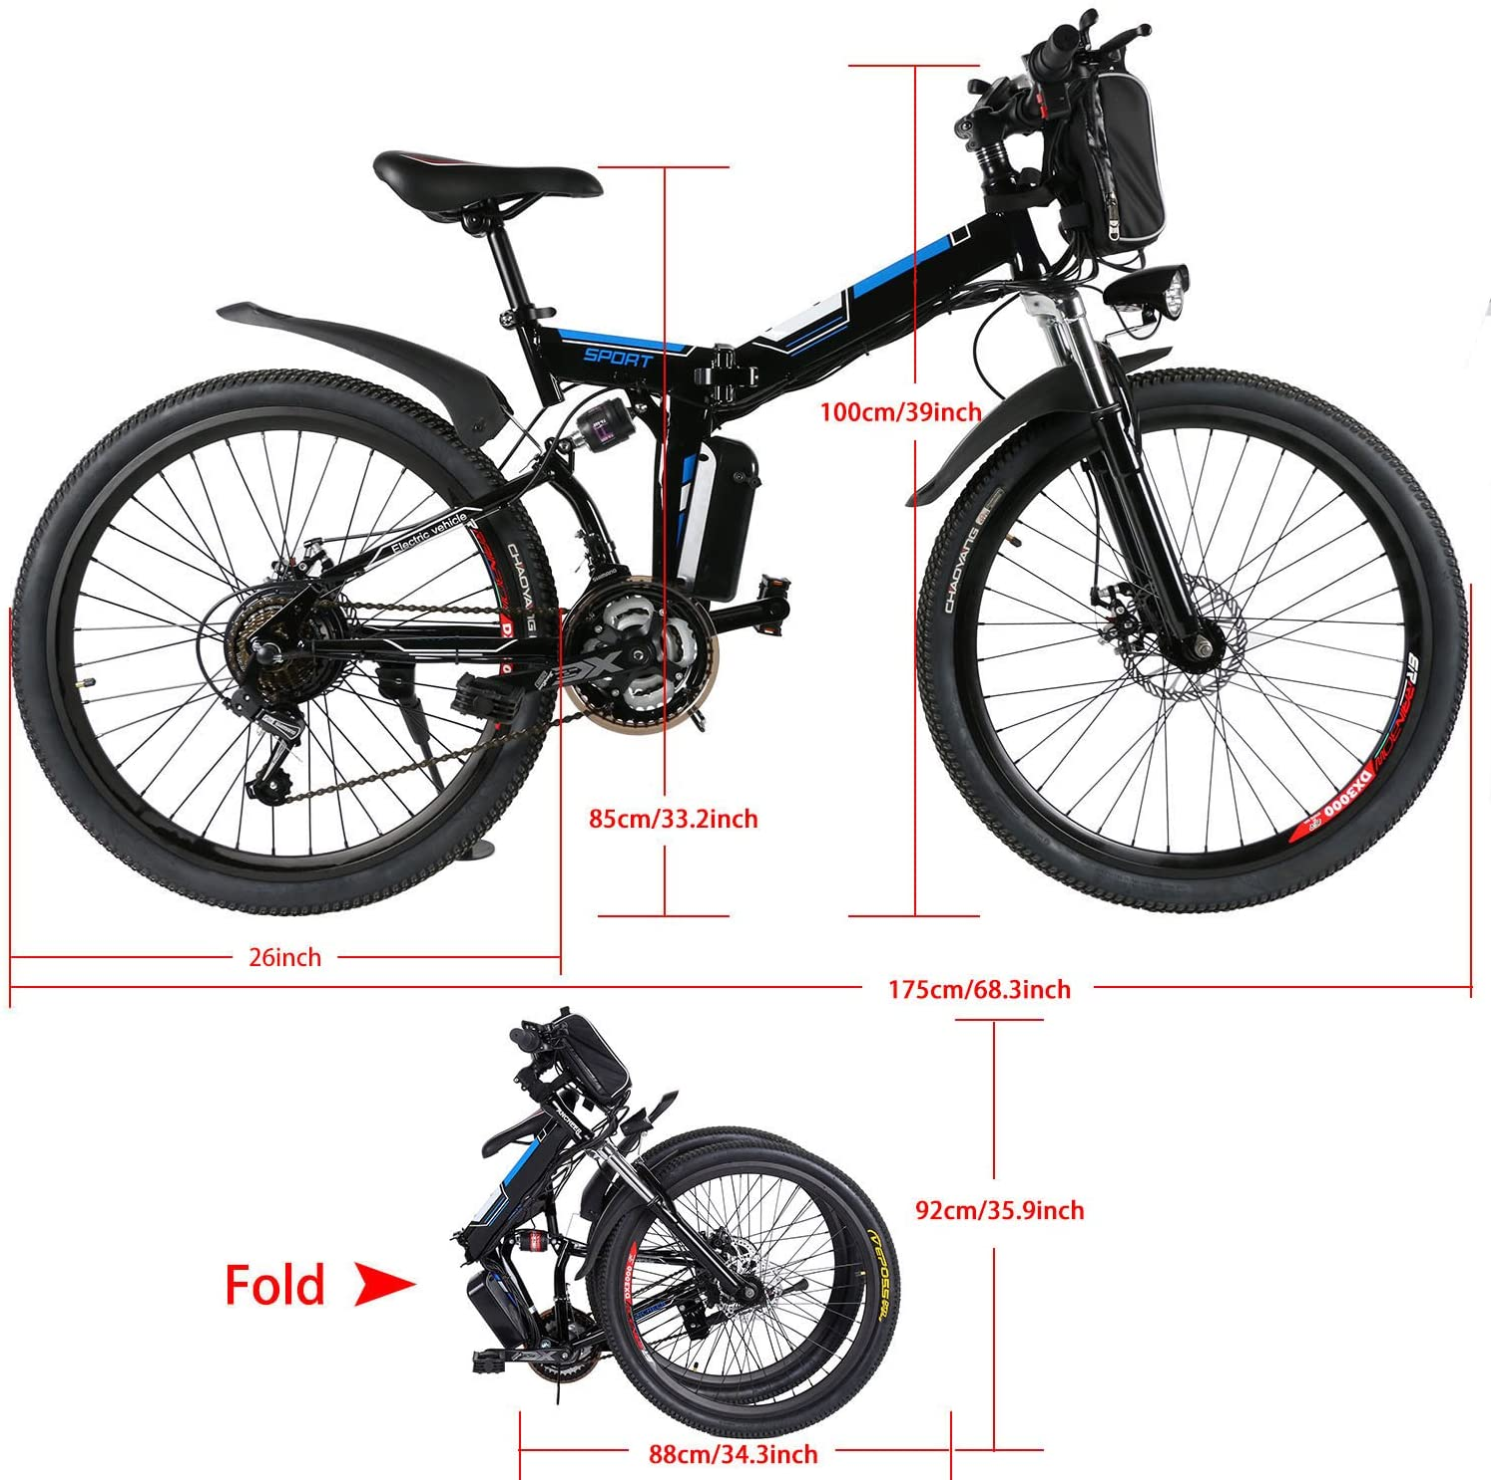 Bunao Bicicleta el/éctrica de monta/ña Bater/ía 36V E-Bike Sistema de Transmisi/ón de 21 Velocidades con Linterna con Bater/ía de Litio Desmontable 250W